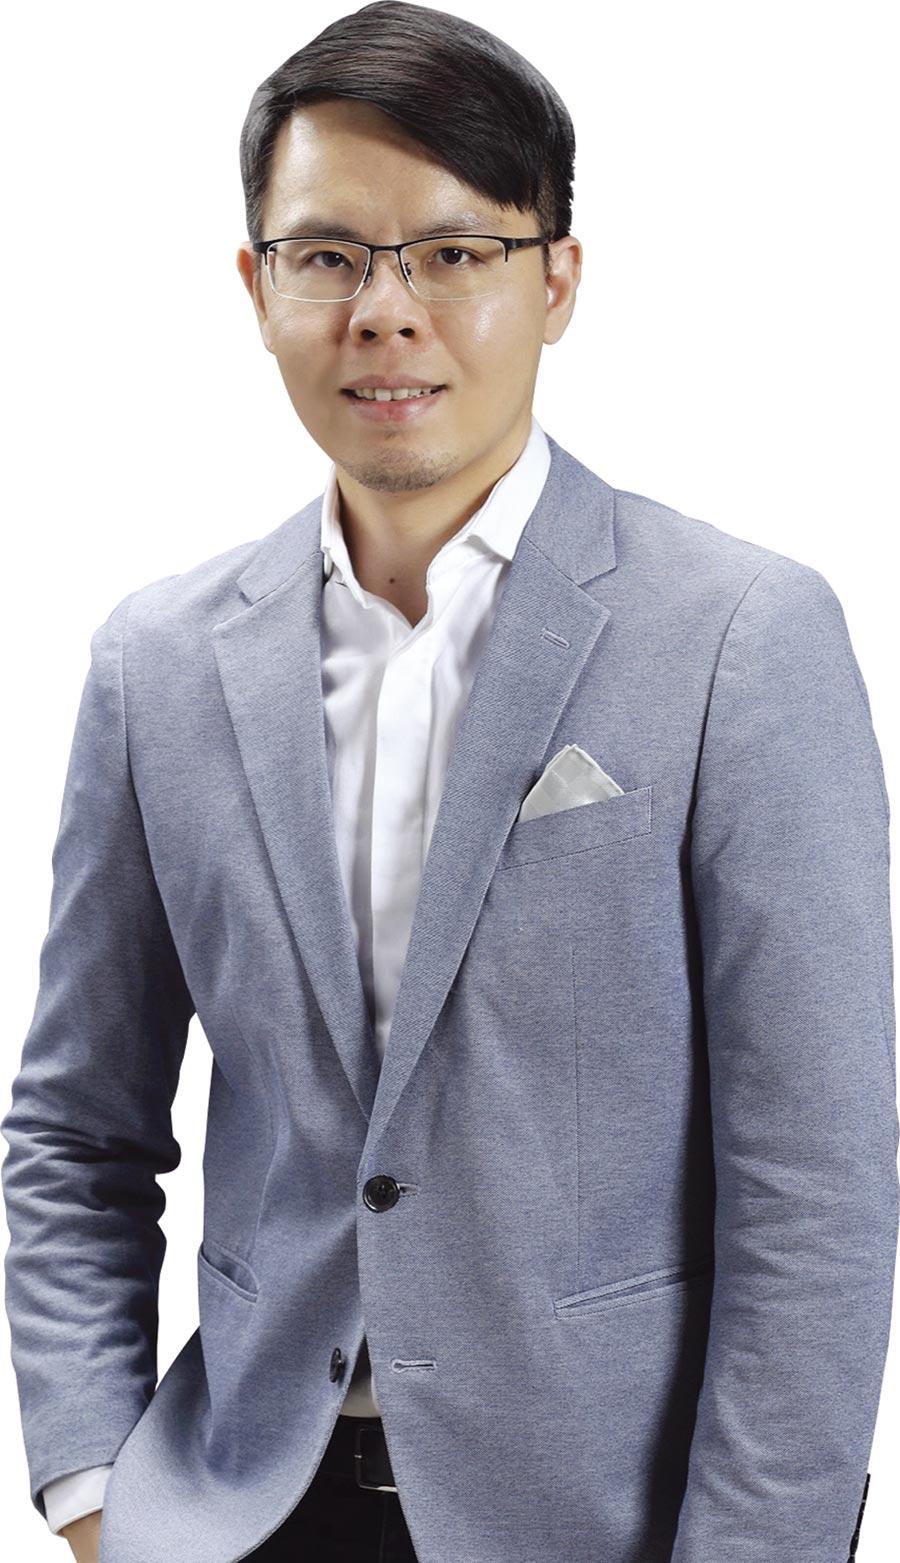 雅麗安國際執行長江宇紳成功將FLY UP行銷至全球28個國家。圖/雅麗安國際提供